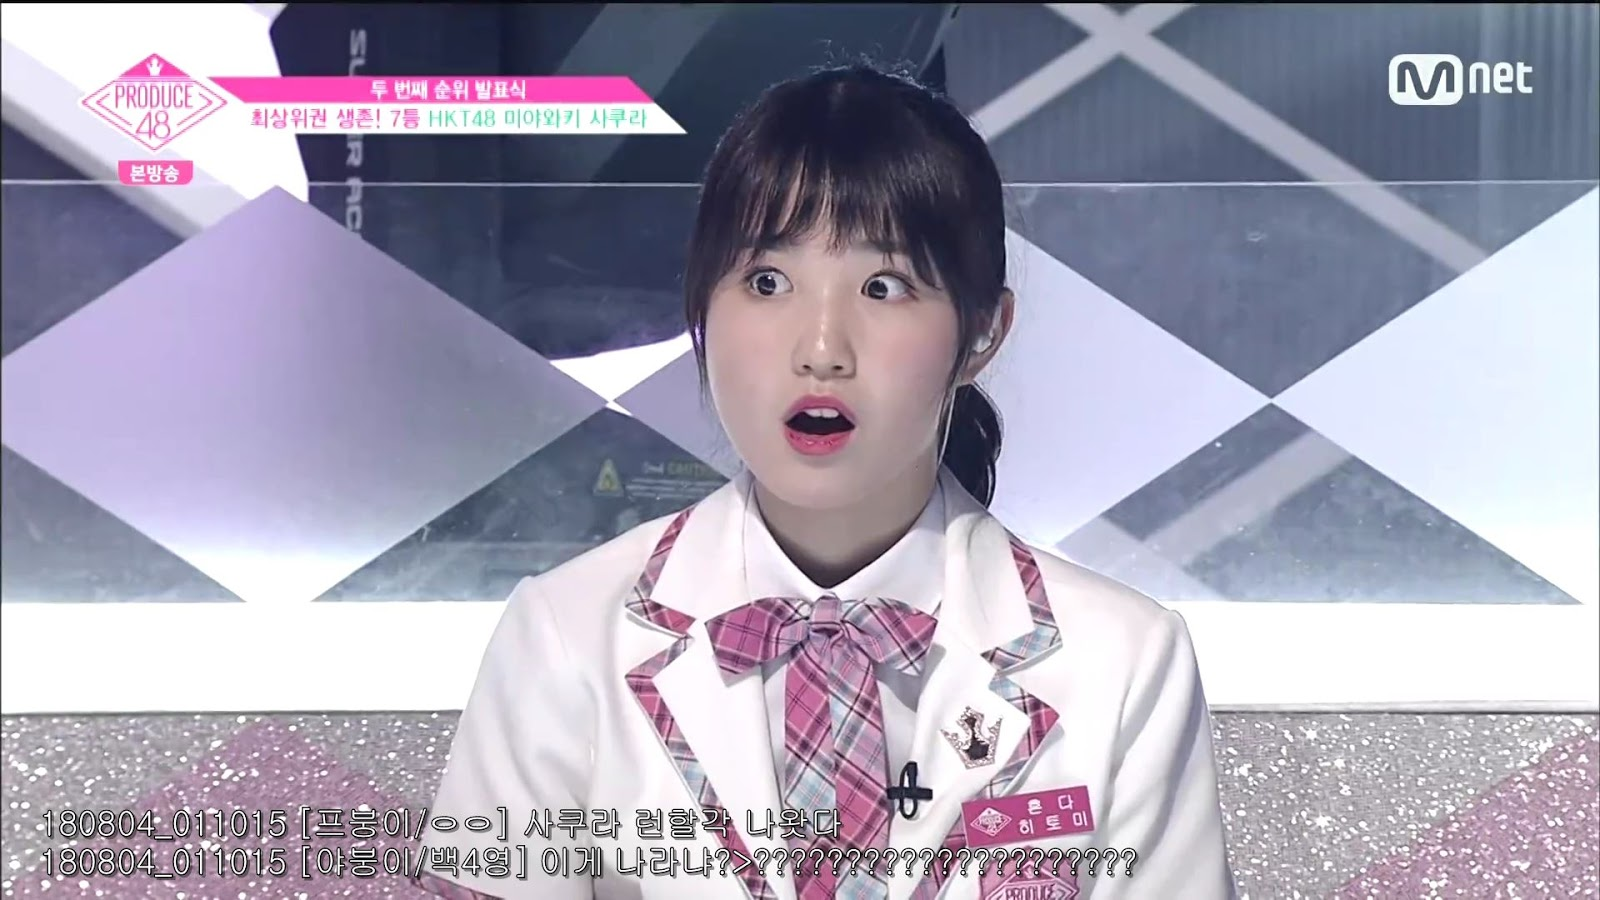 김개똥이: 프로듀스48 제8화 (Produce 48 EP 08) - 디시 프갤/야갤